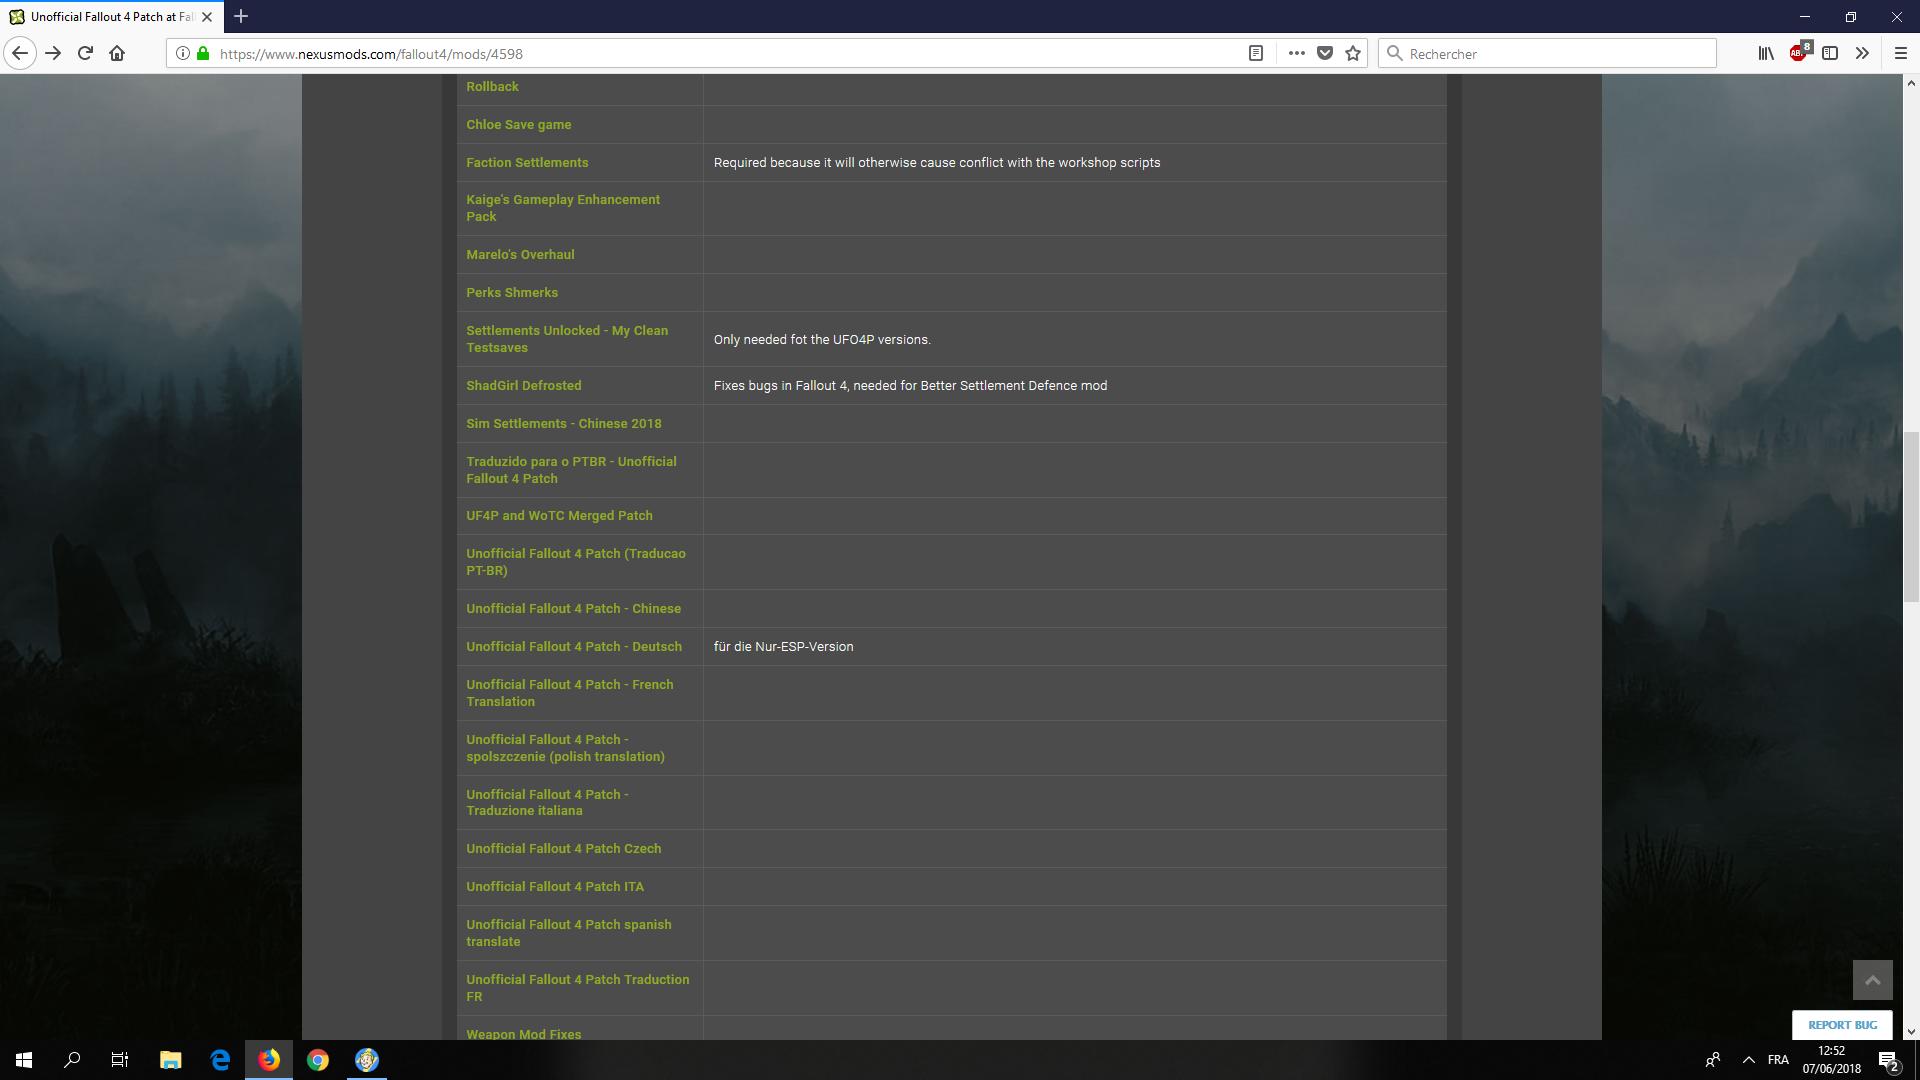 Fallout 4 Les Mods Post Apo [Archives] - Page 4 - Canardpc com